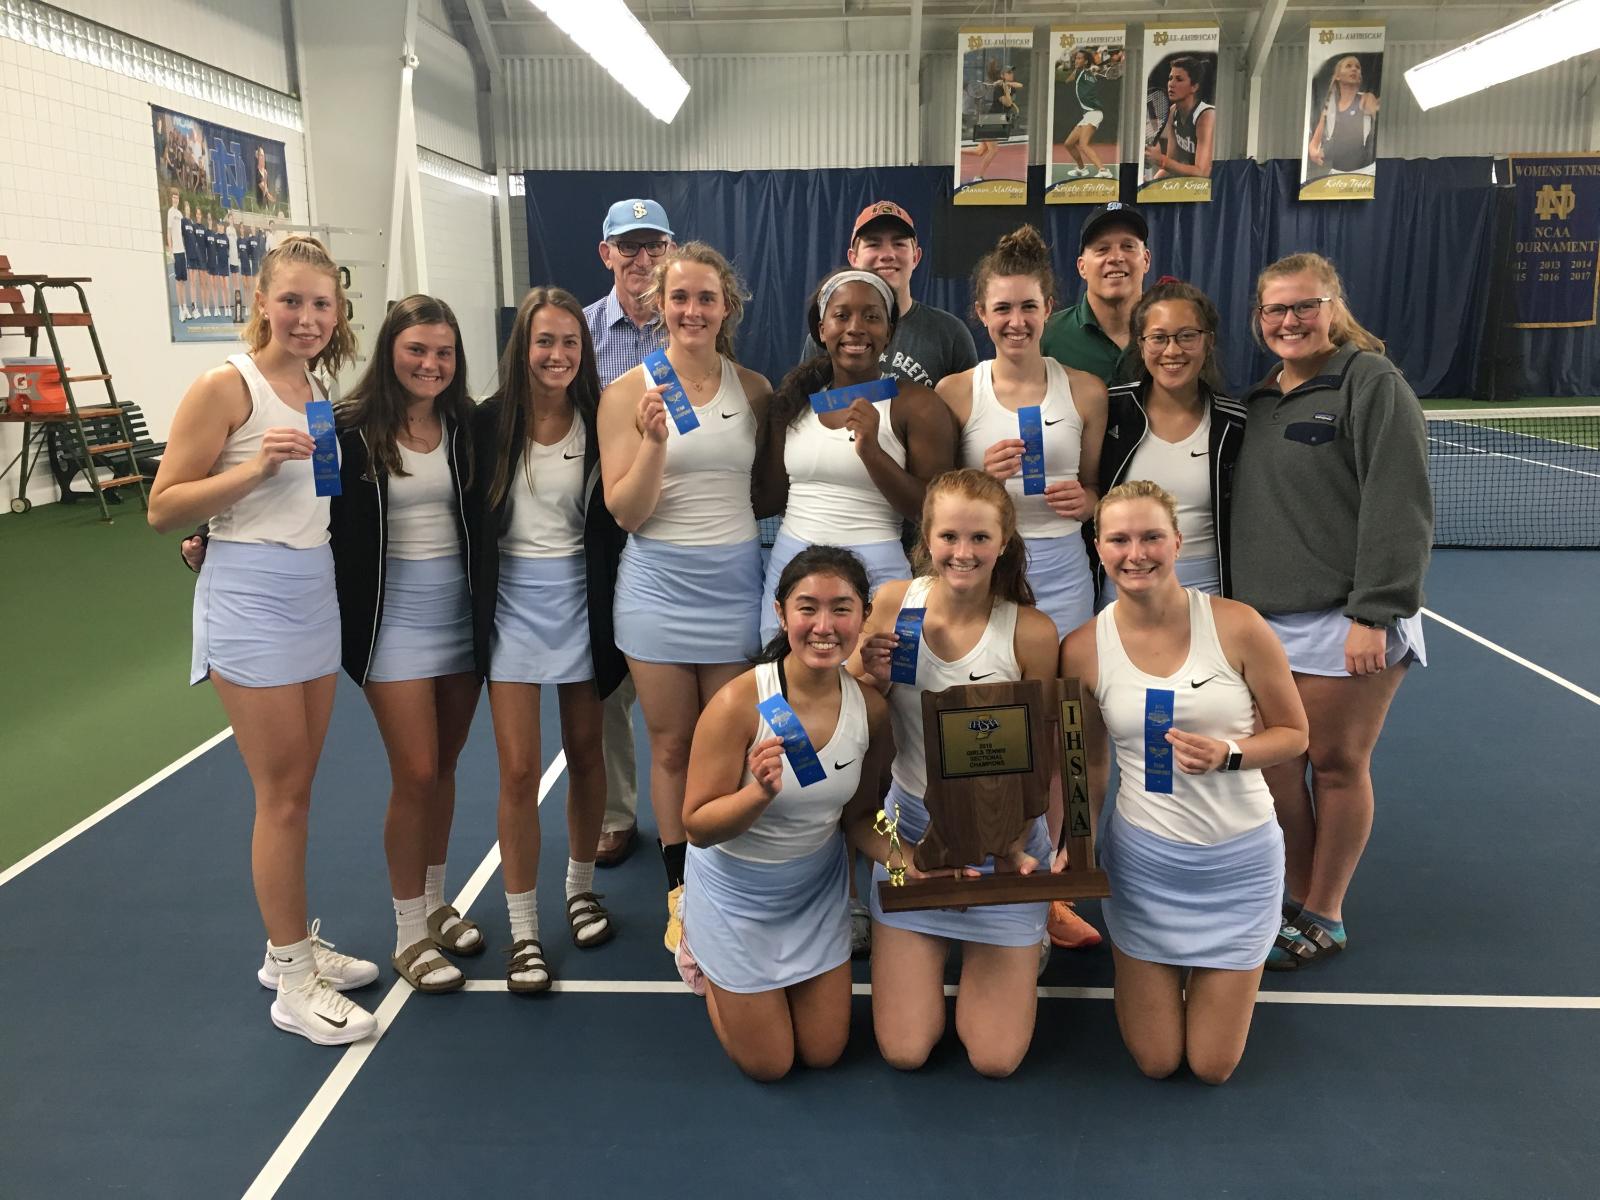 Girls' Tennis wins IHSAA Sectional